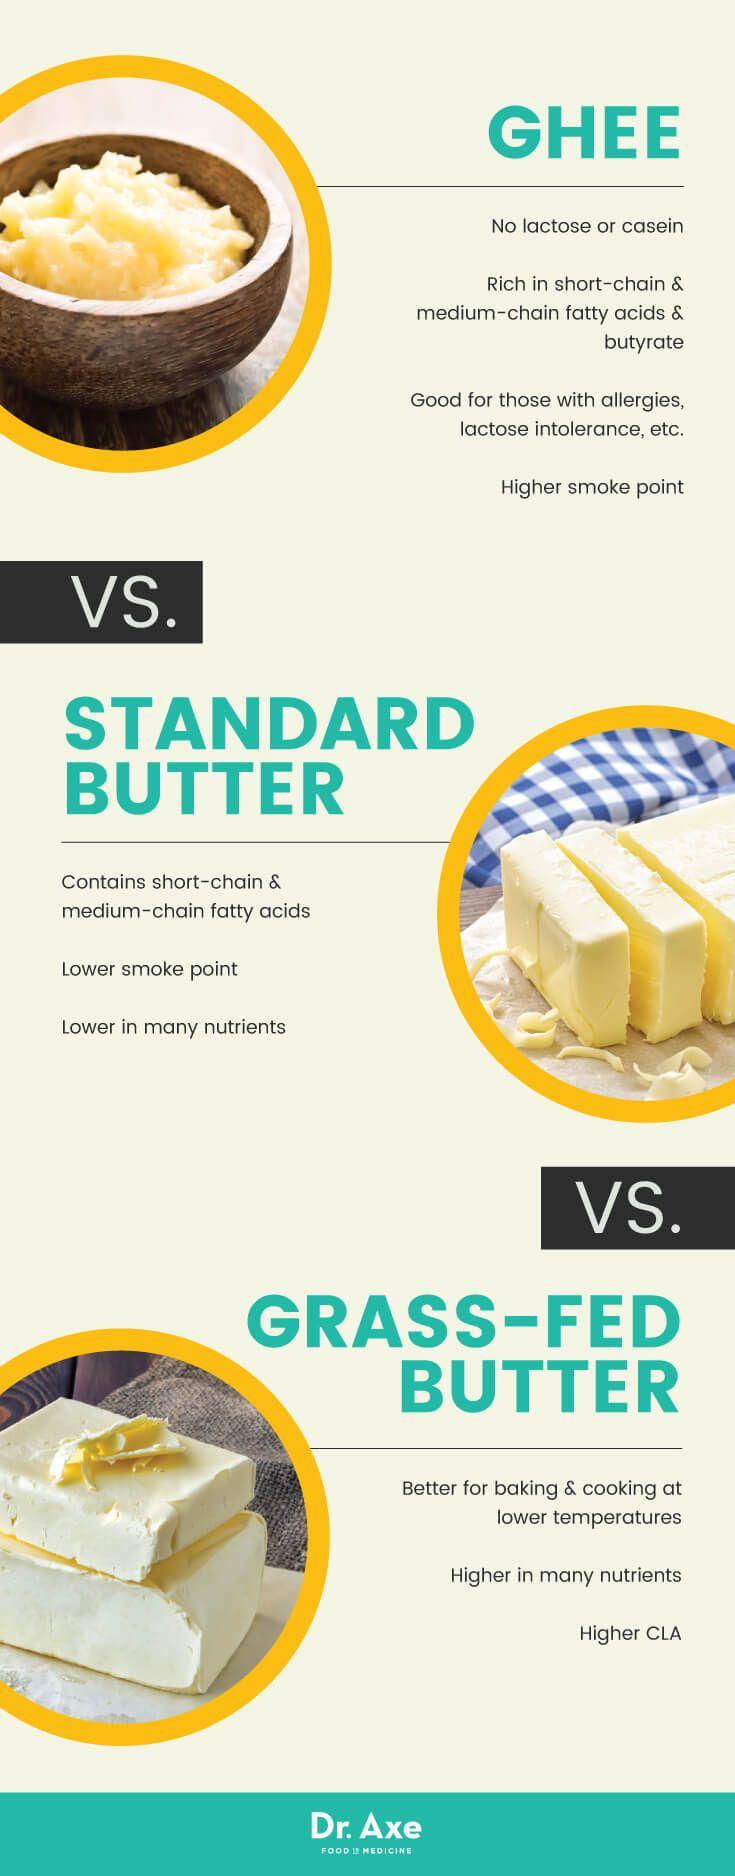 Grass-fed butter vs. ghee vs. standard butter - Dr. Axe http://www.draxe.com #health #holistic #natural